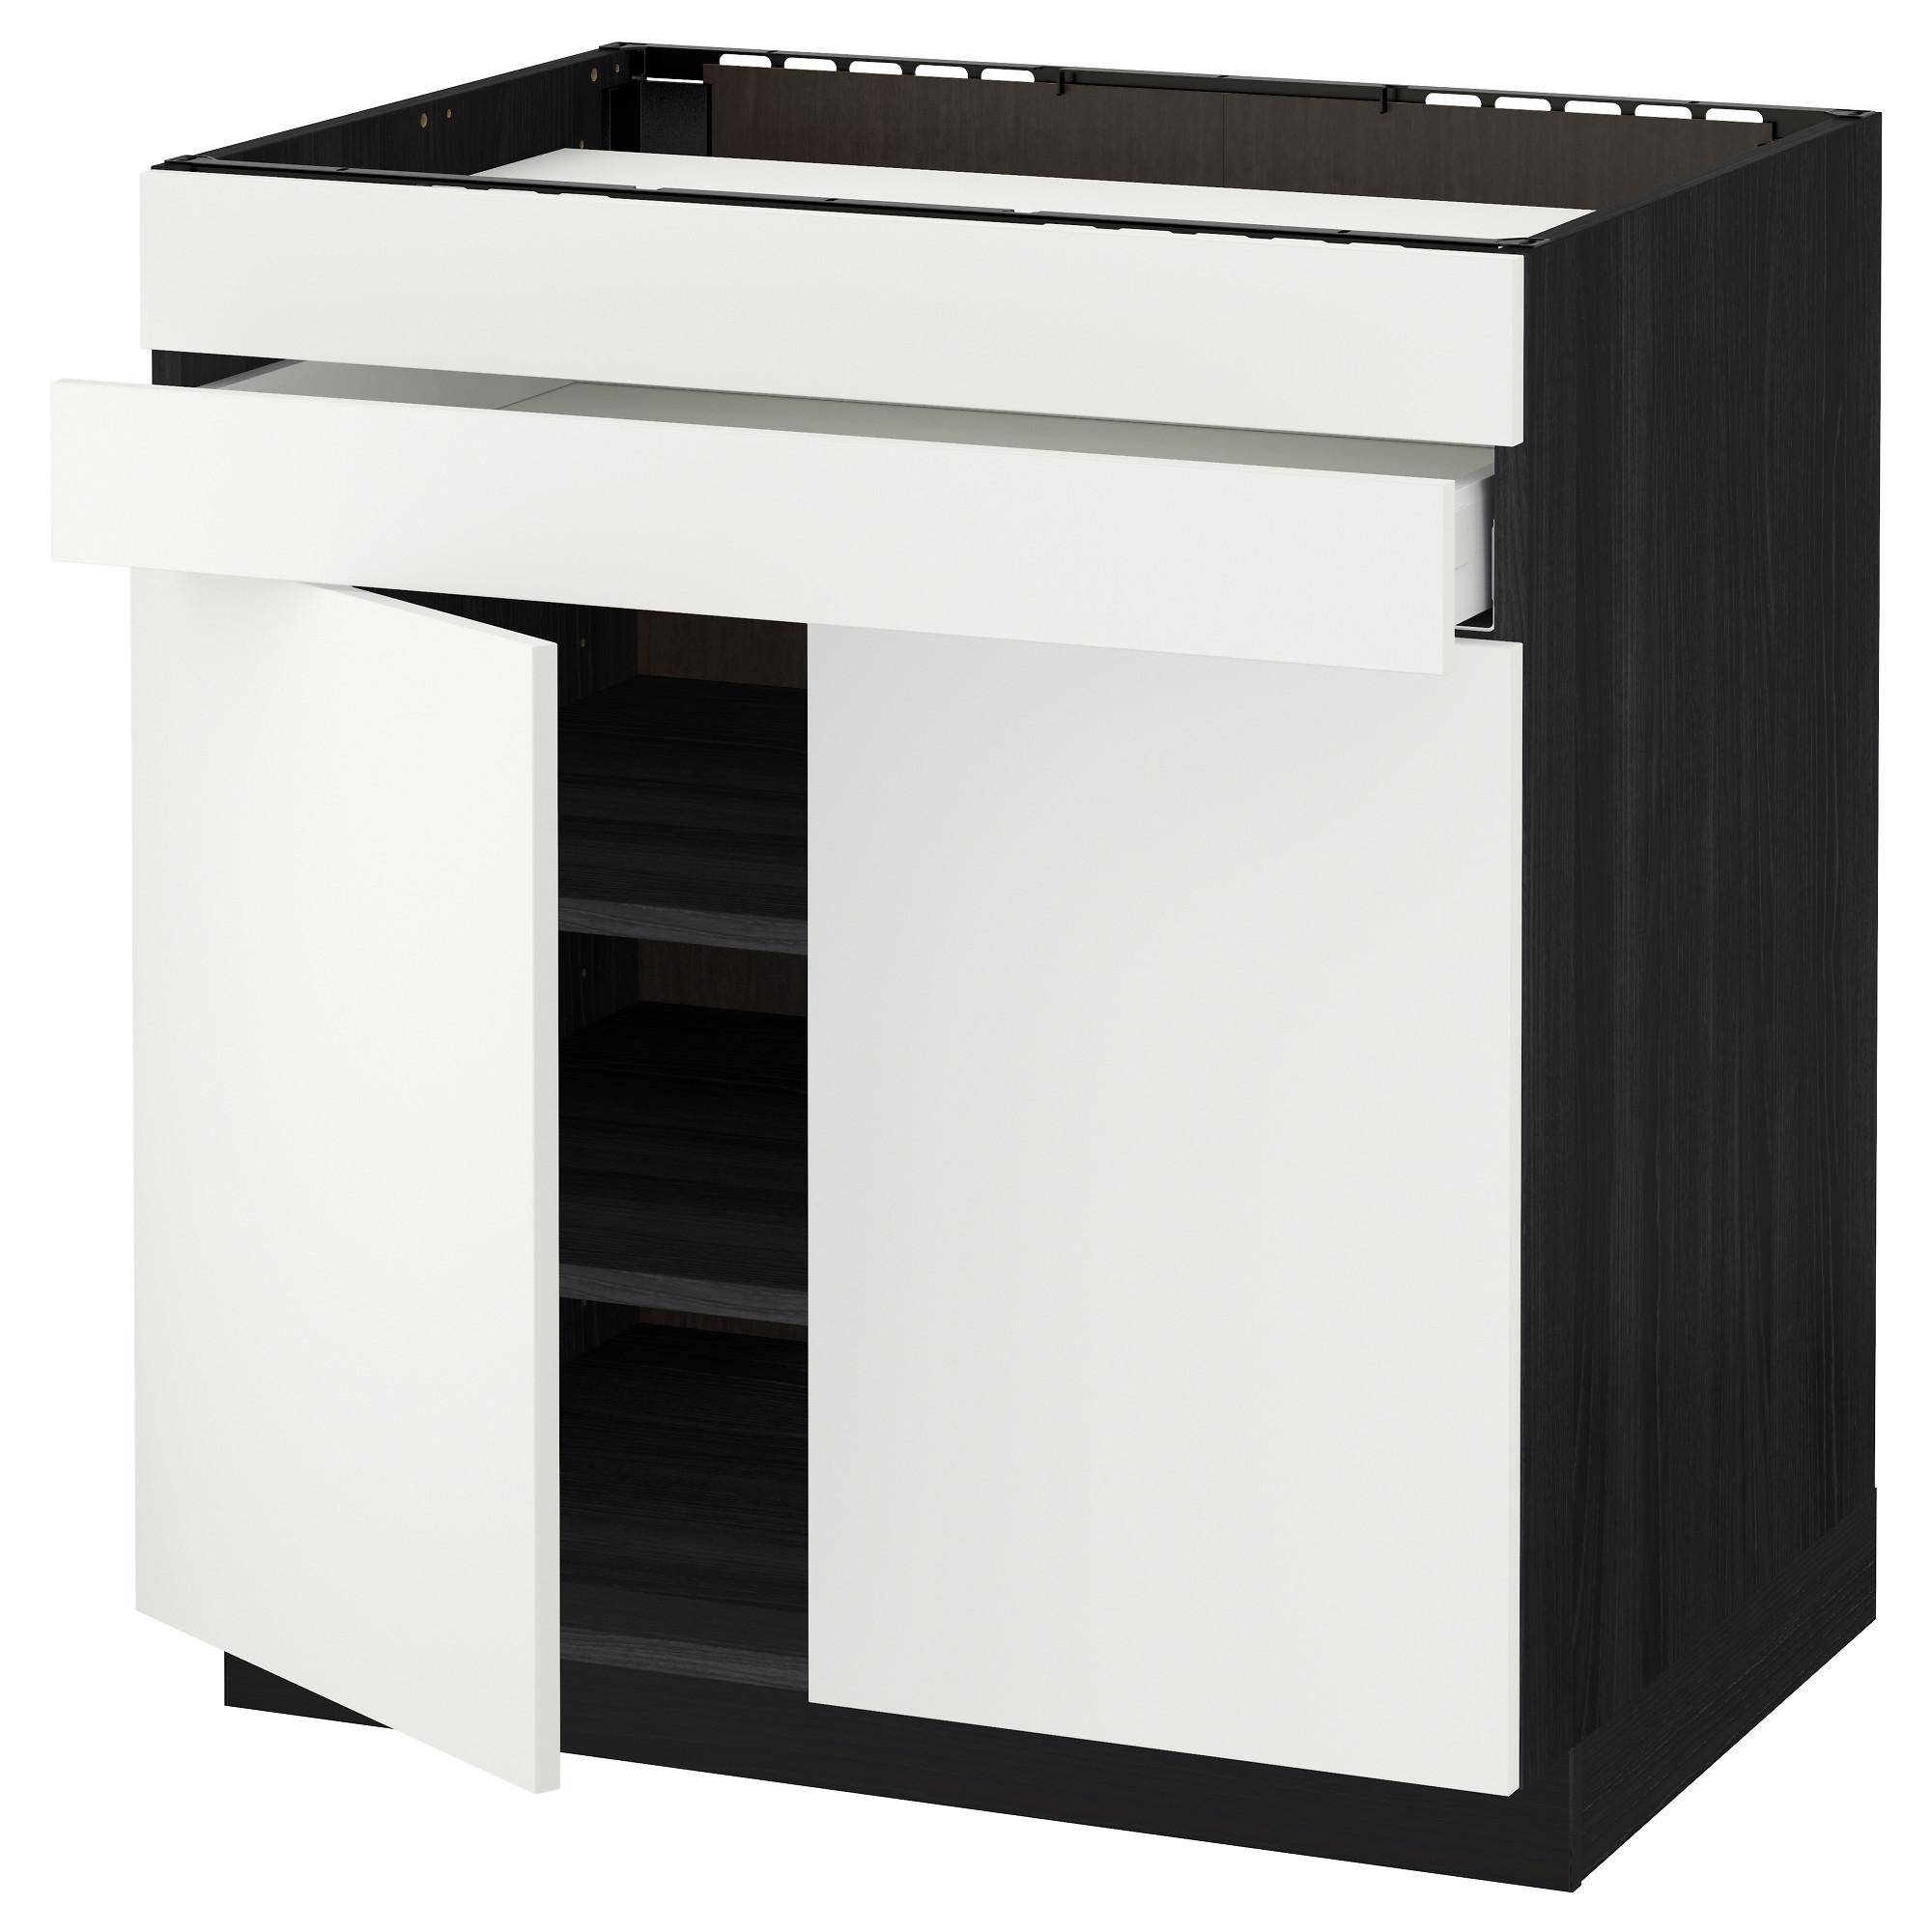 Напольный шкаф для варочной панели, 2 ящика, 2 фасада, 1 ящик МЕТОД / МАКСИМЕРА черный артикуль № 292.314.96 в наличии. Онлайн сайт IKEA Минск. Быстрая доставка и монтаж.